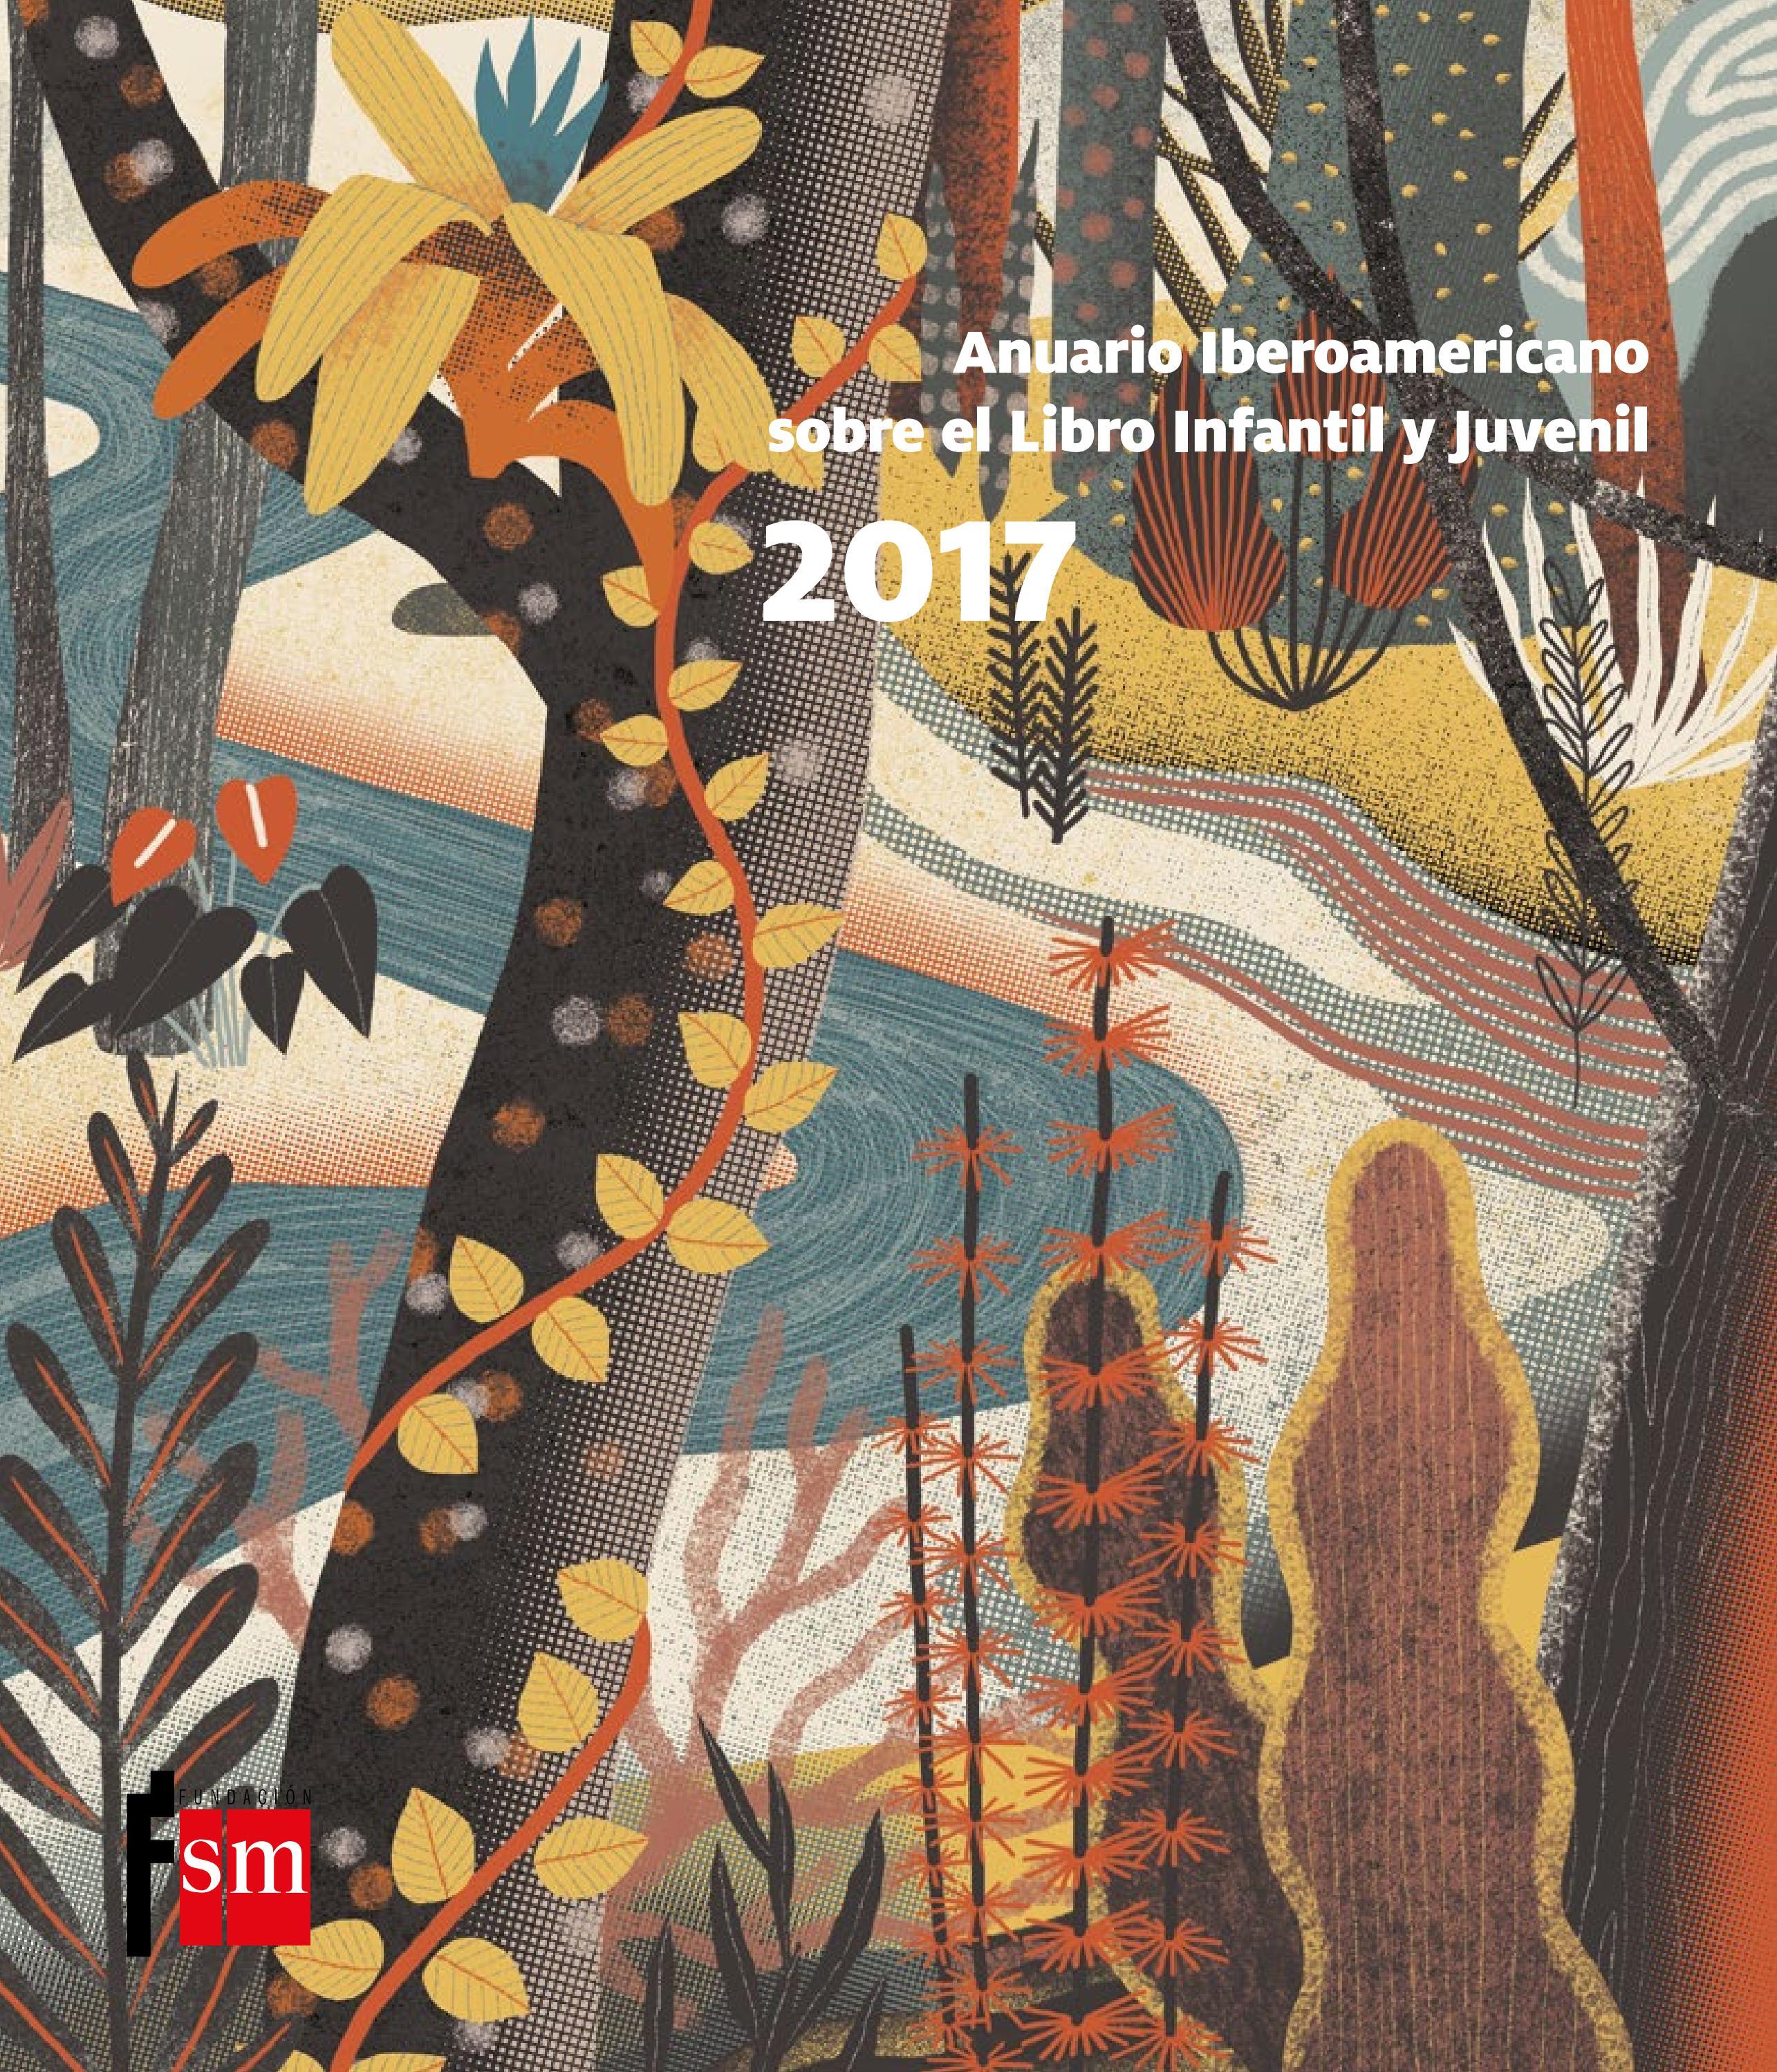 Anuario iberoamericano sobre el libro infantil y juvenil 2017 by Ana Cruz -  issuu